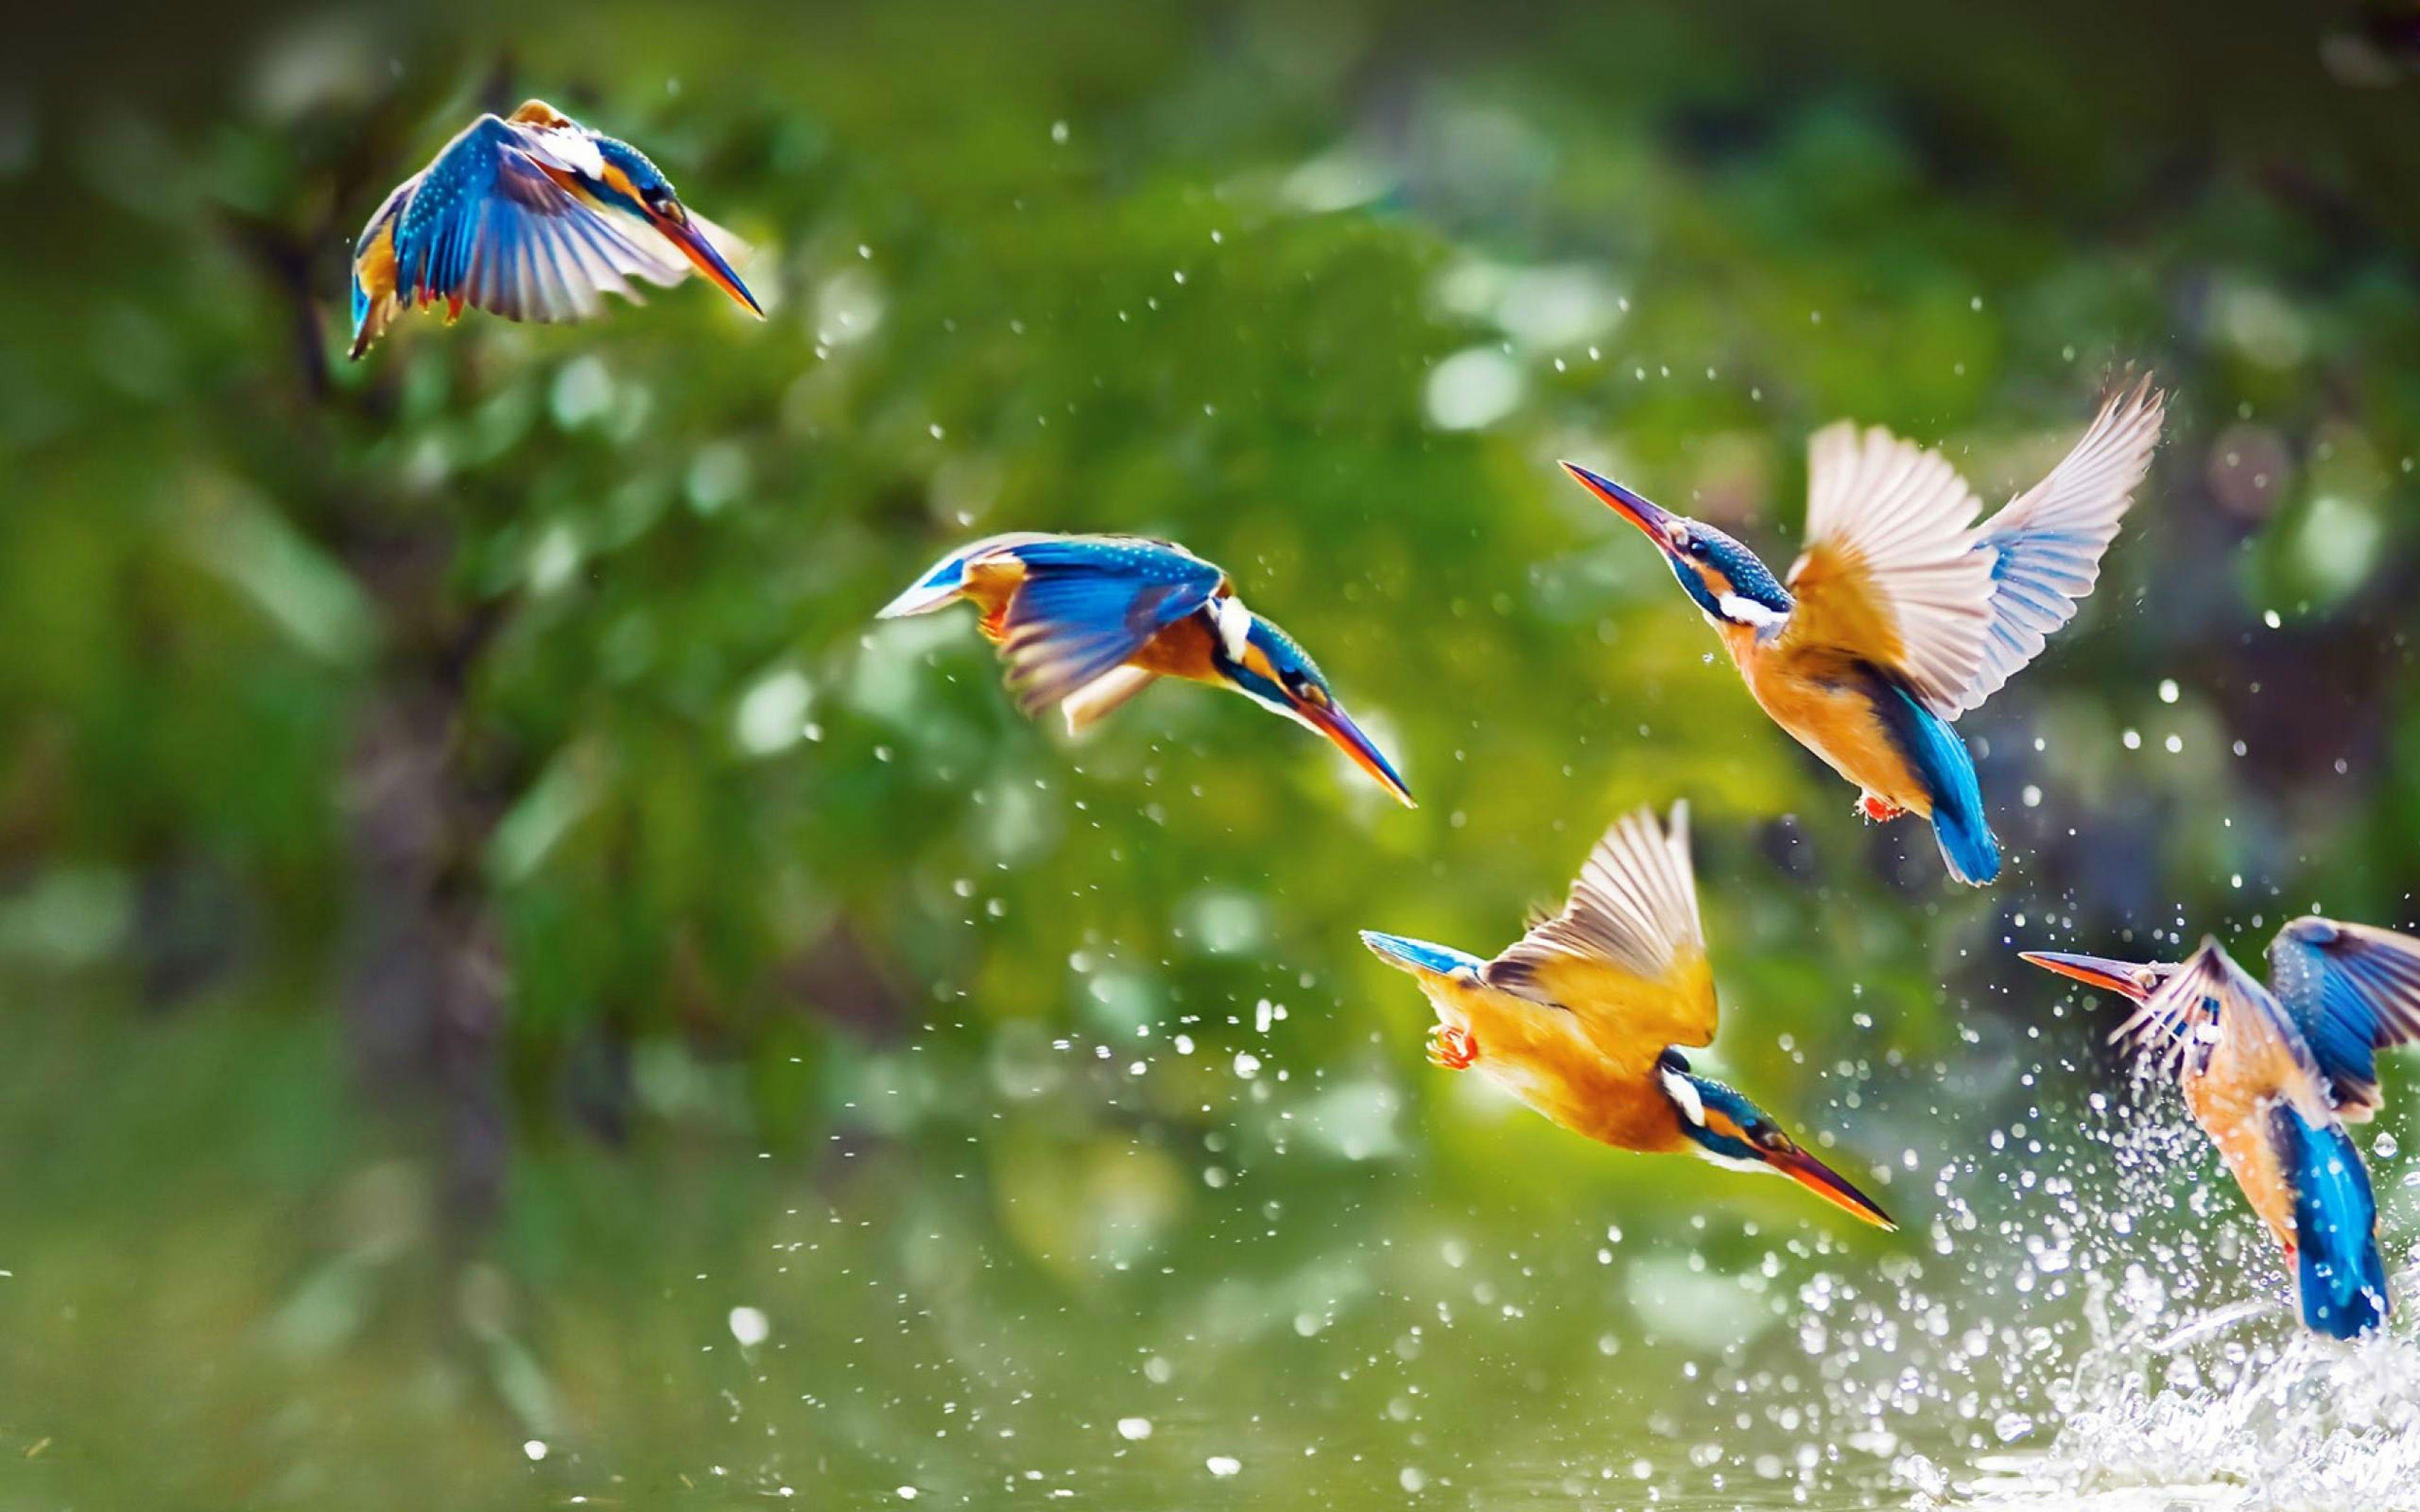 #8119, Free desktop bird image